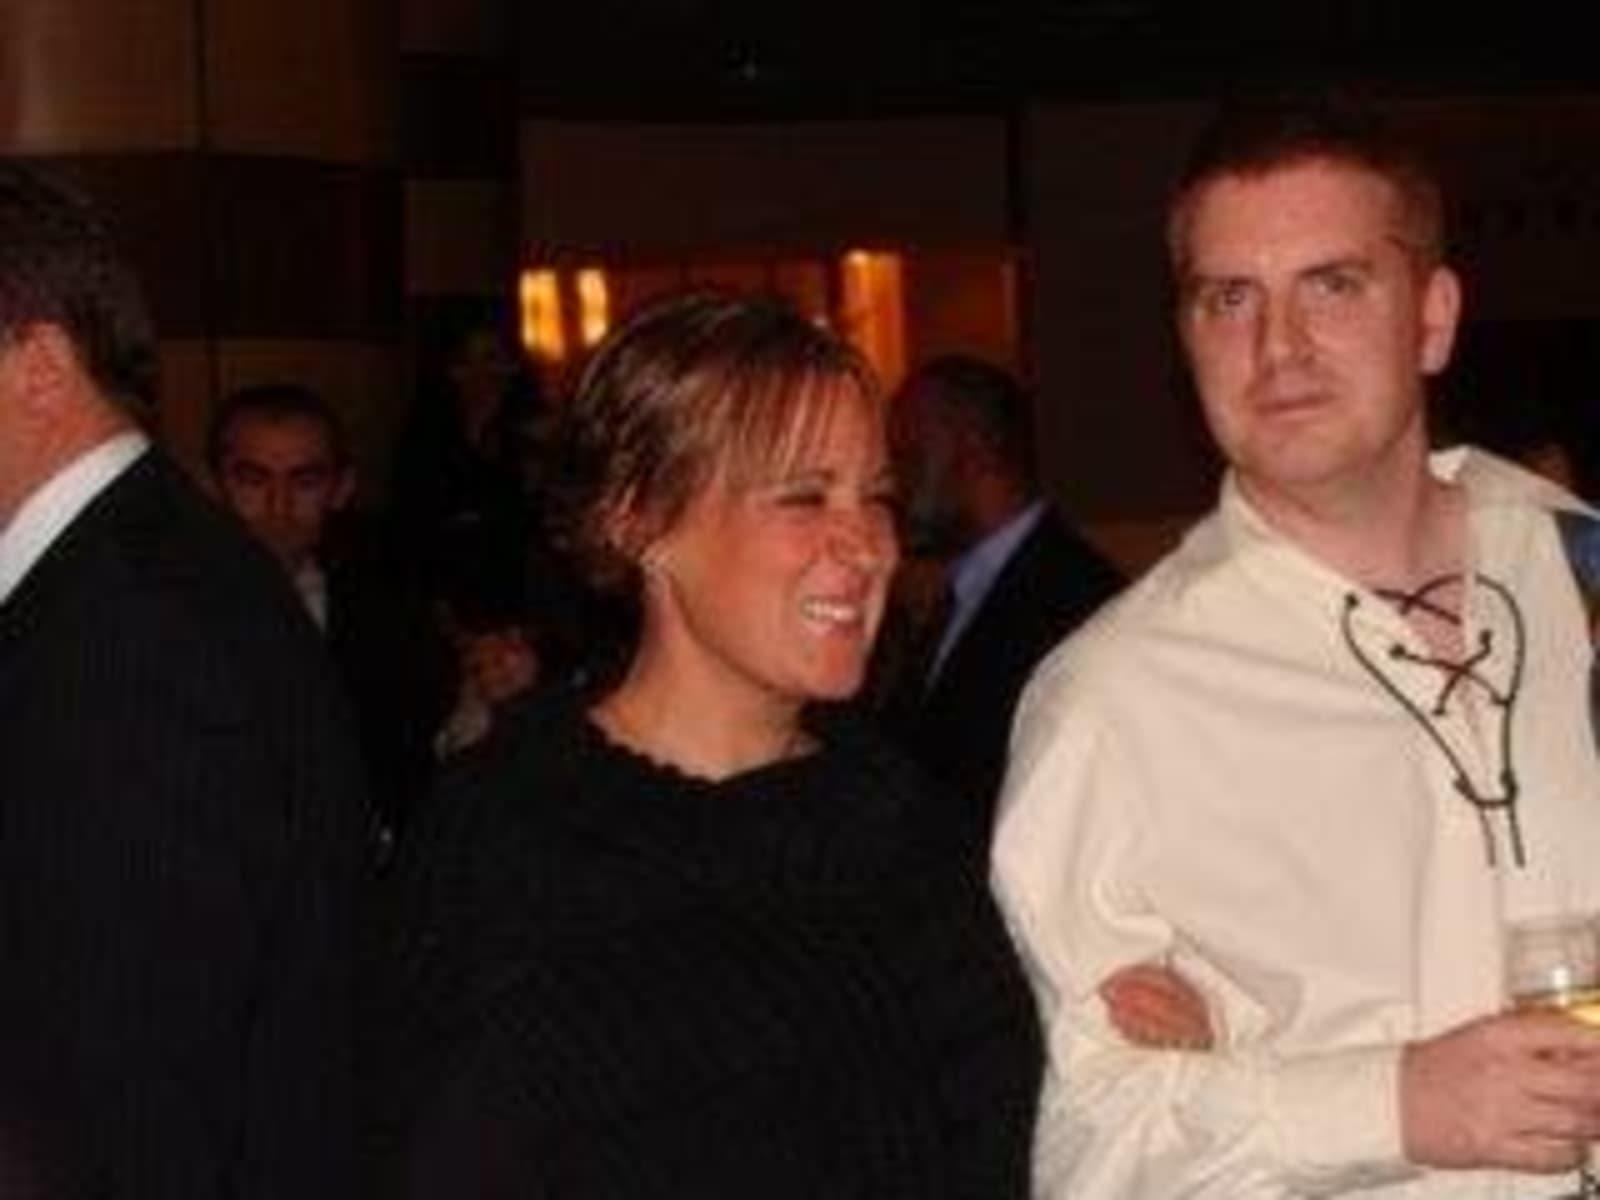 Paul and karen & Karen from Jerusalem, Israel